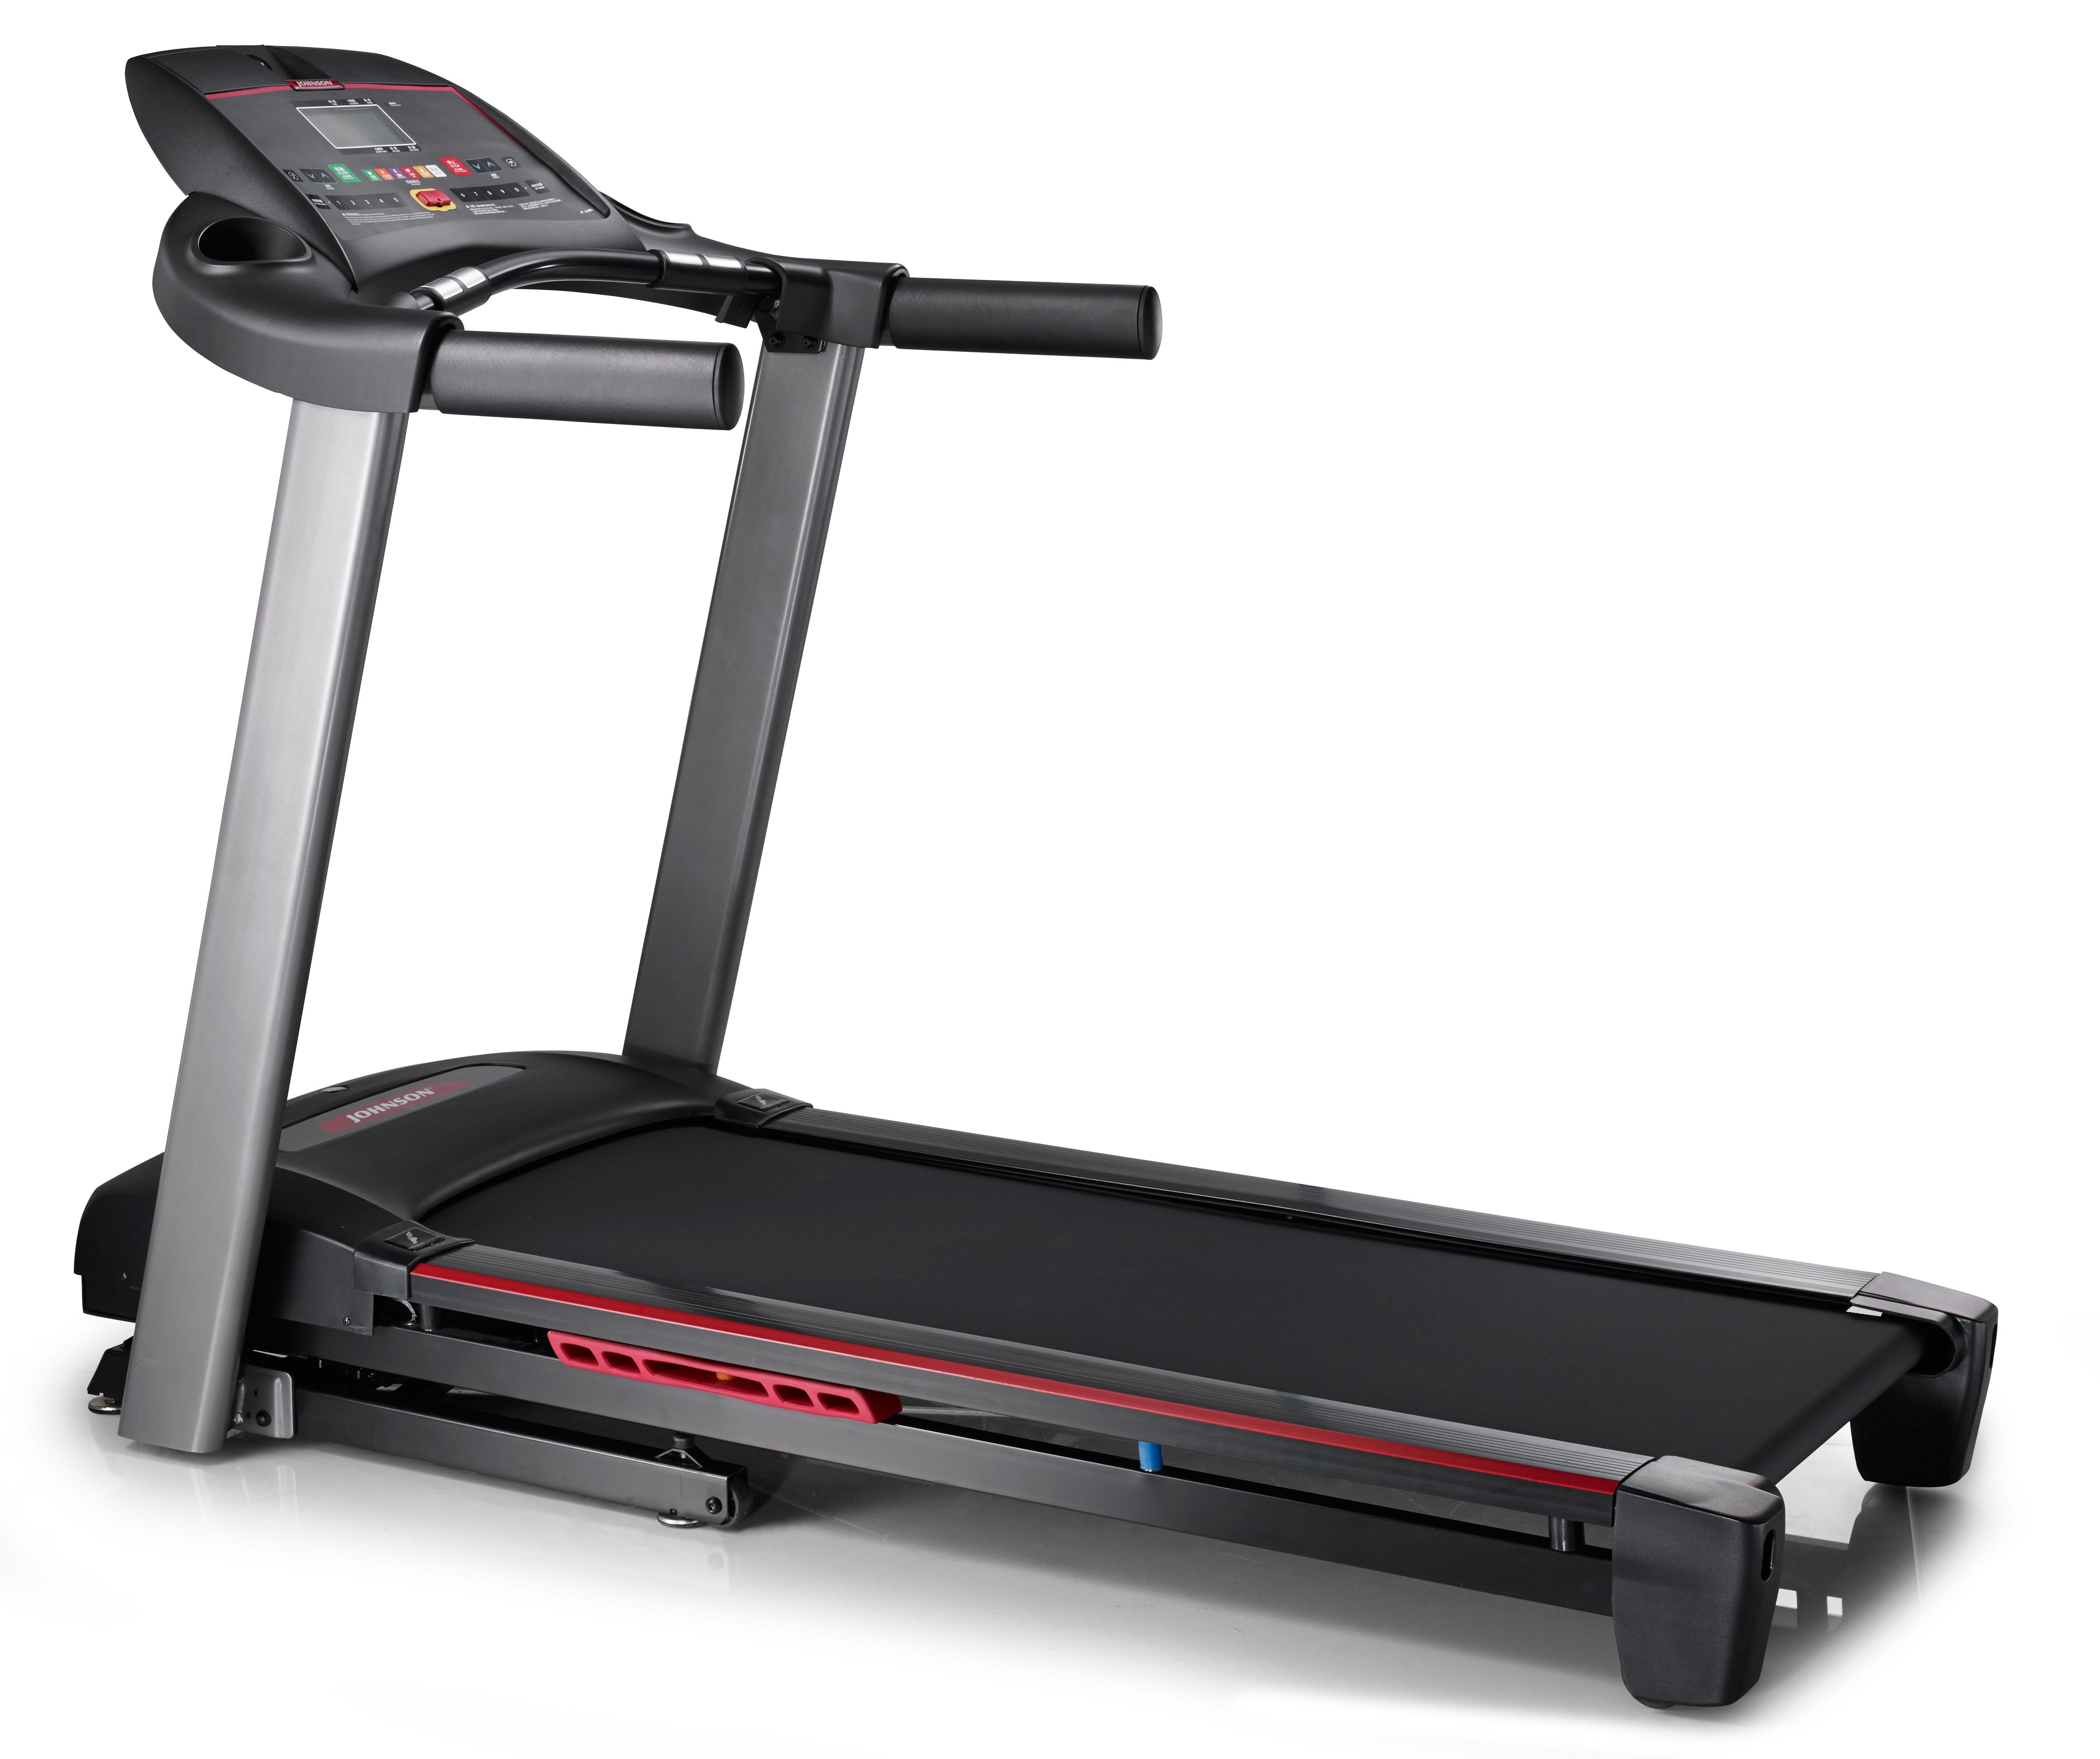 乔山(JOHNSON)家用跑步机6.1T升级款